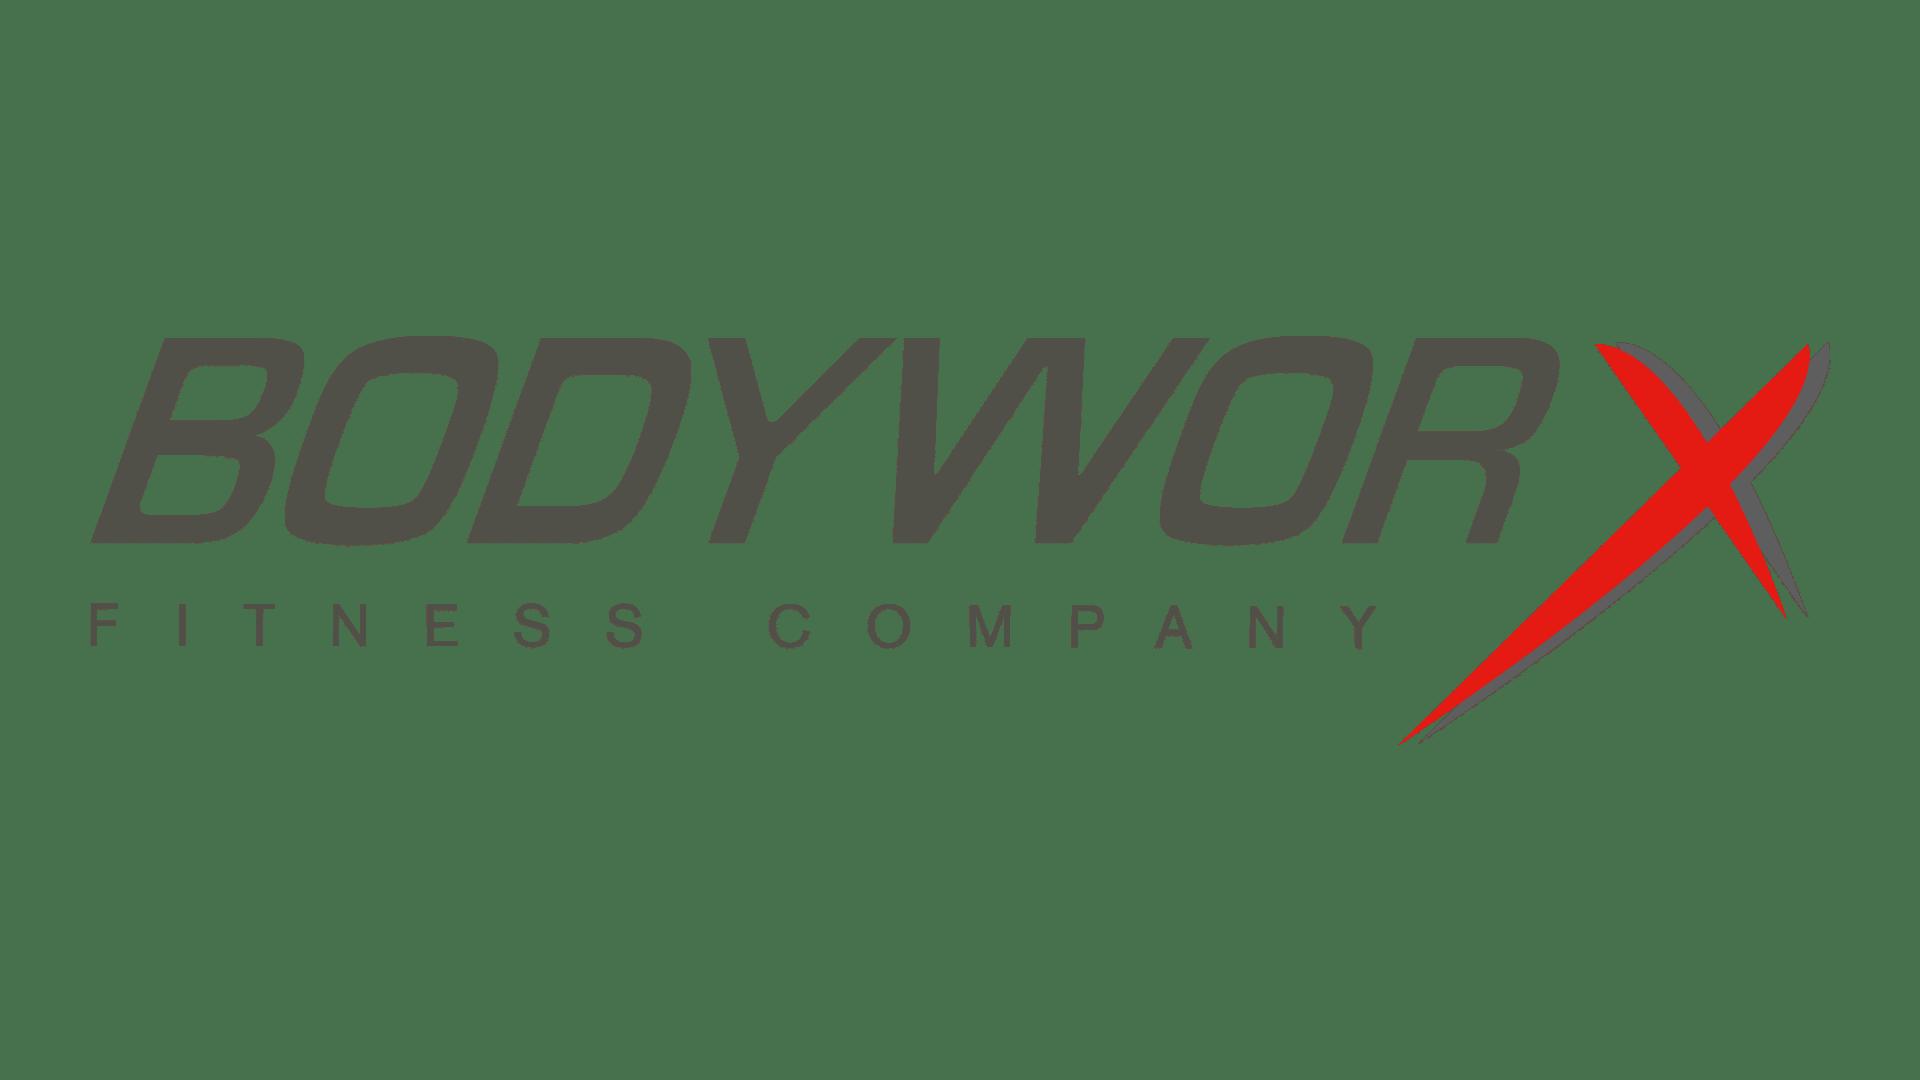 BodyWorx | Grösstes Fitnesscenter der Zentralschweiz